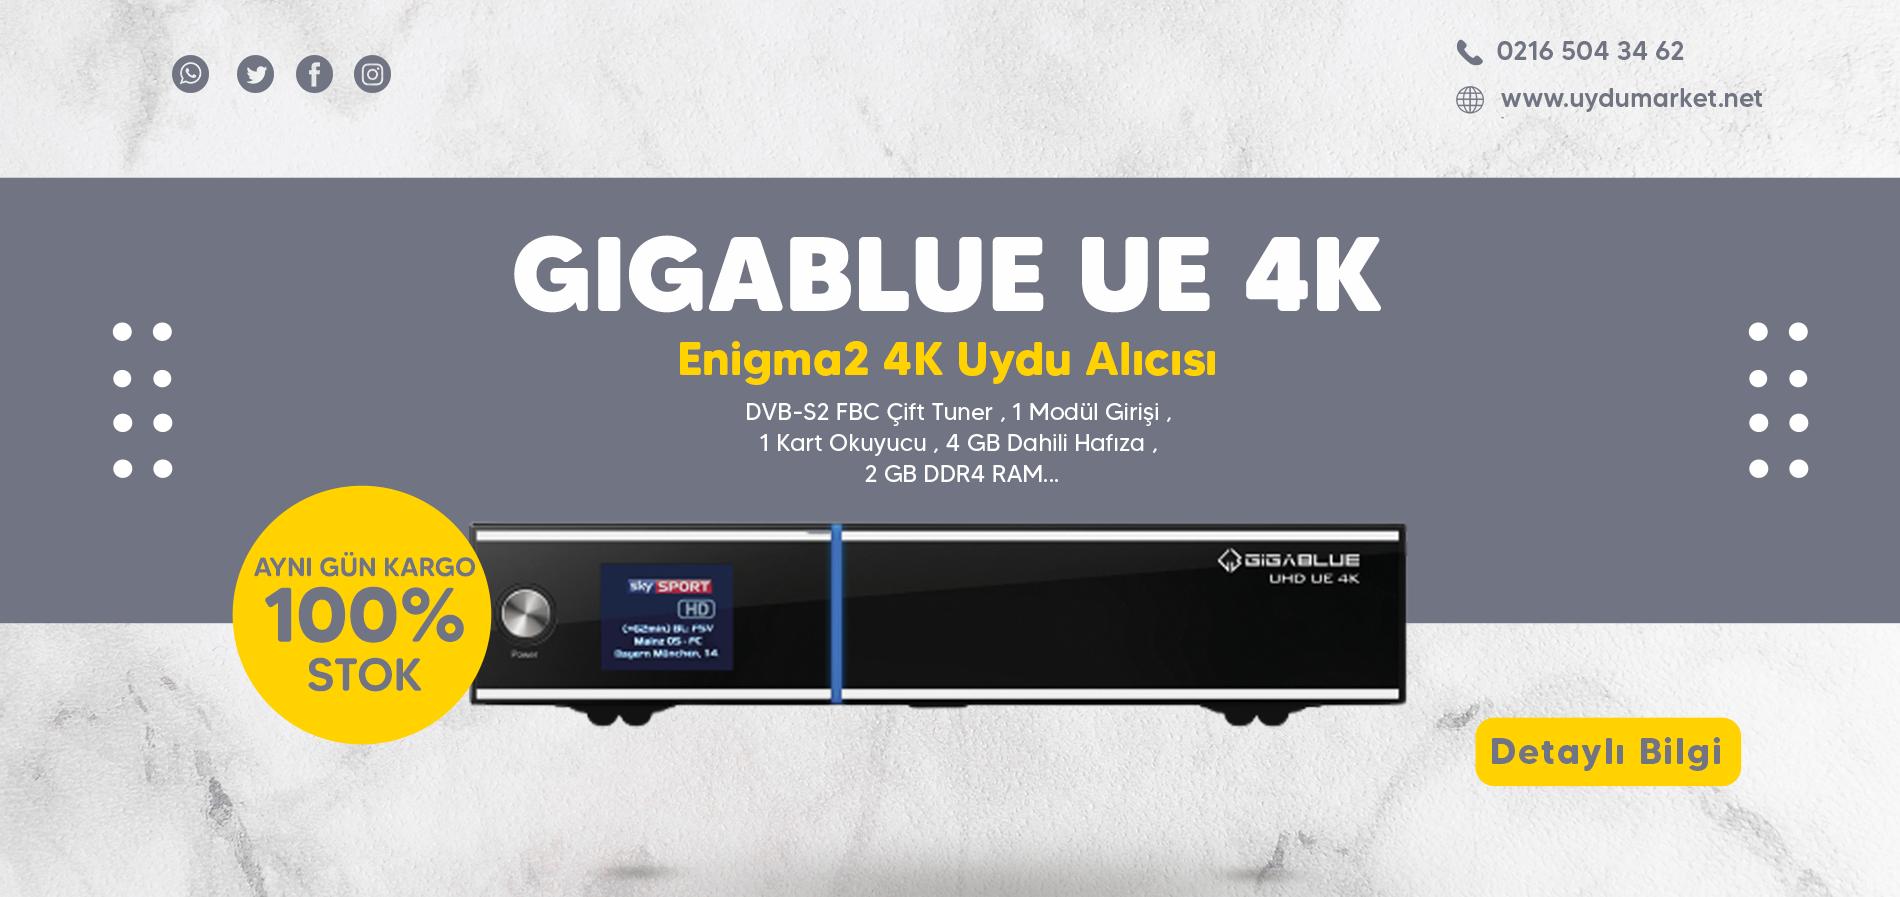 GigaBlueUE4K